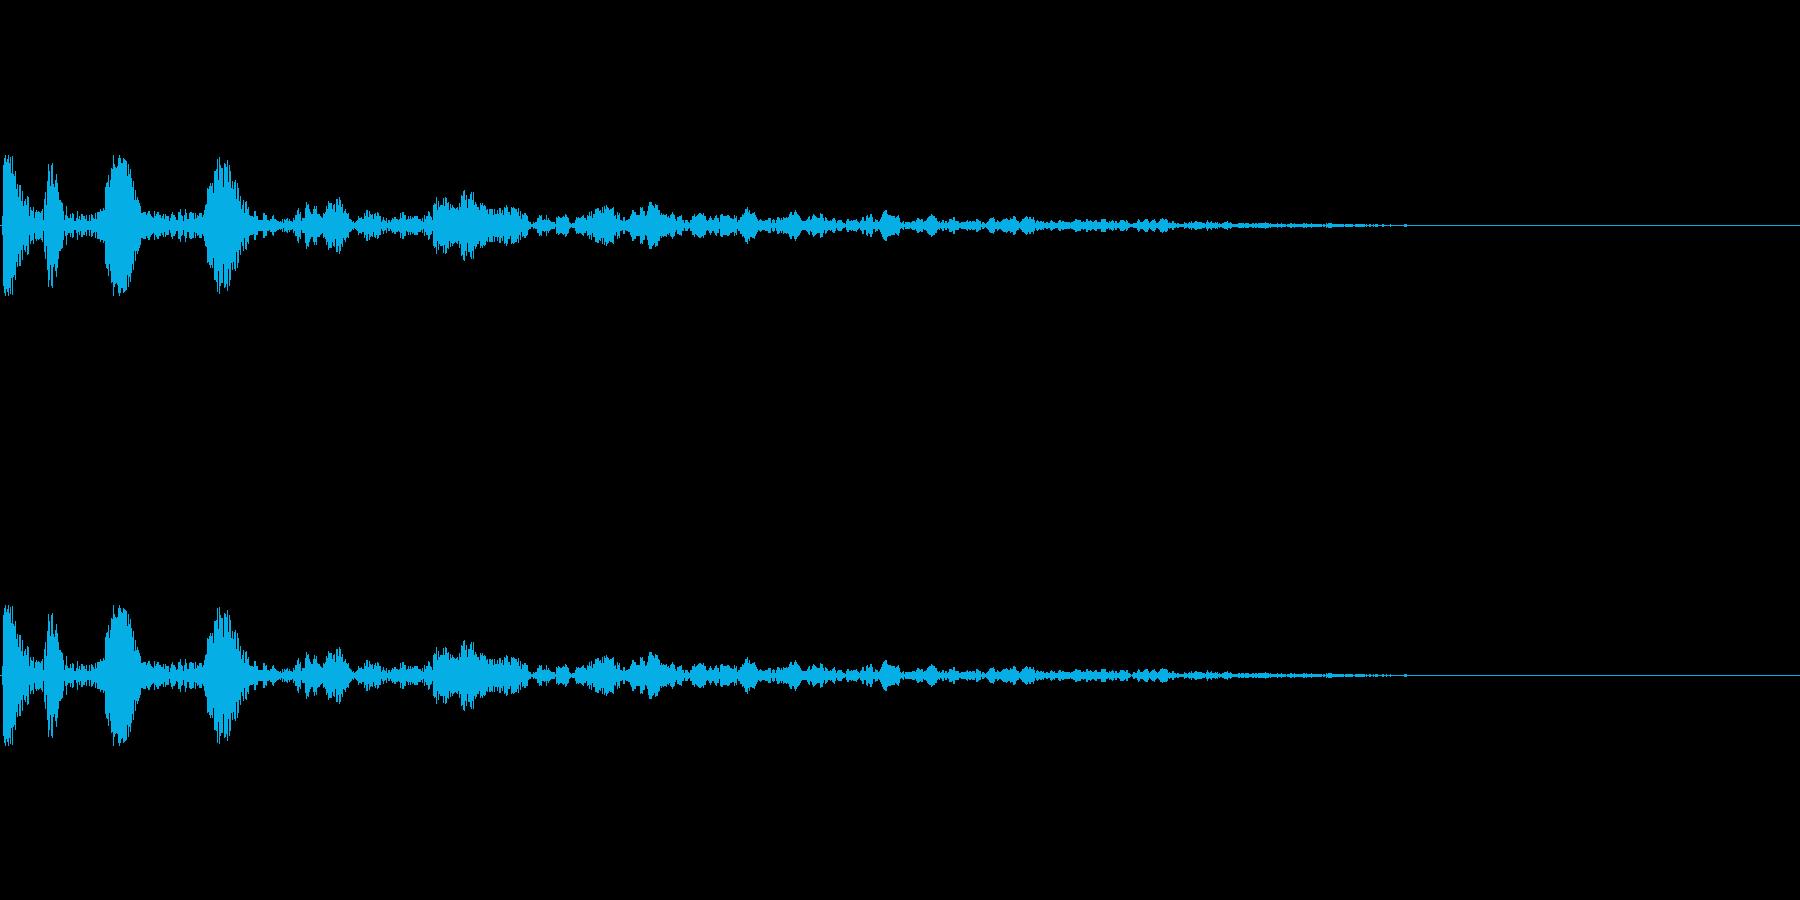 次のステップに進むクリック音3の再生済みの波形